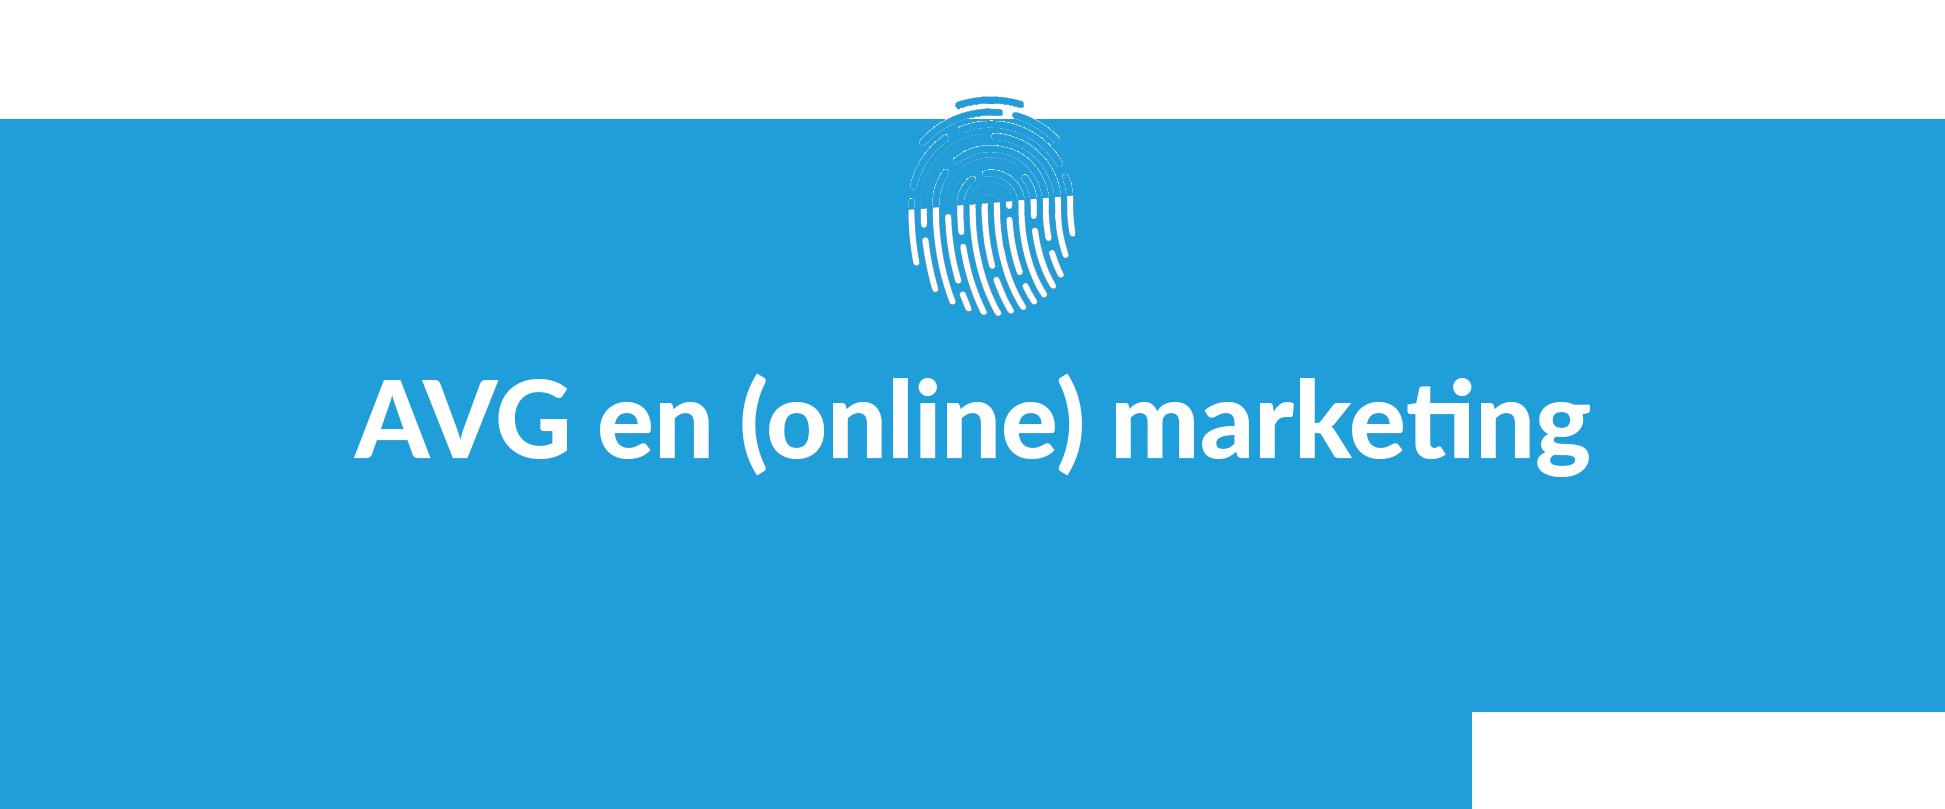 avg-en-online-marketing